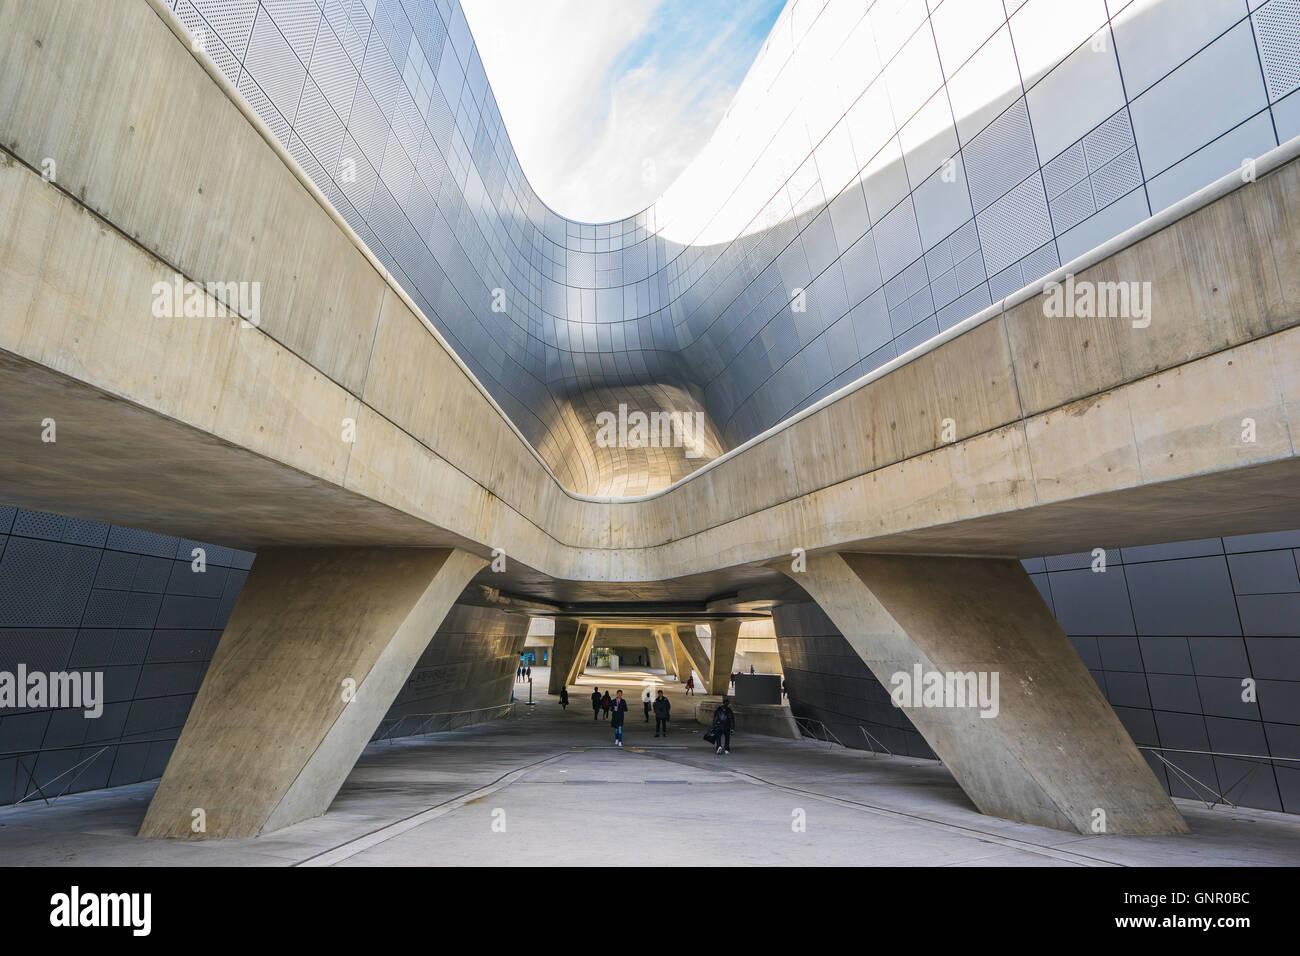 Séoul, Corée du Sud- 6 décembre 2015: la conception de Dongdaemun Plaza, également appelé Photo Stock